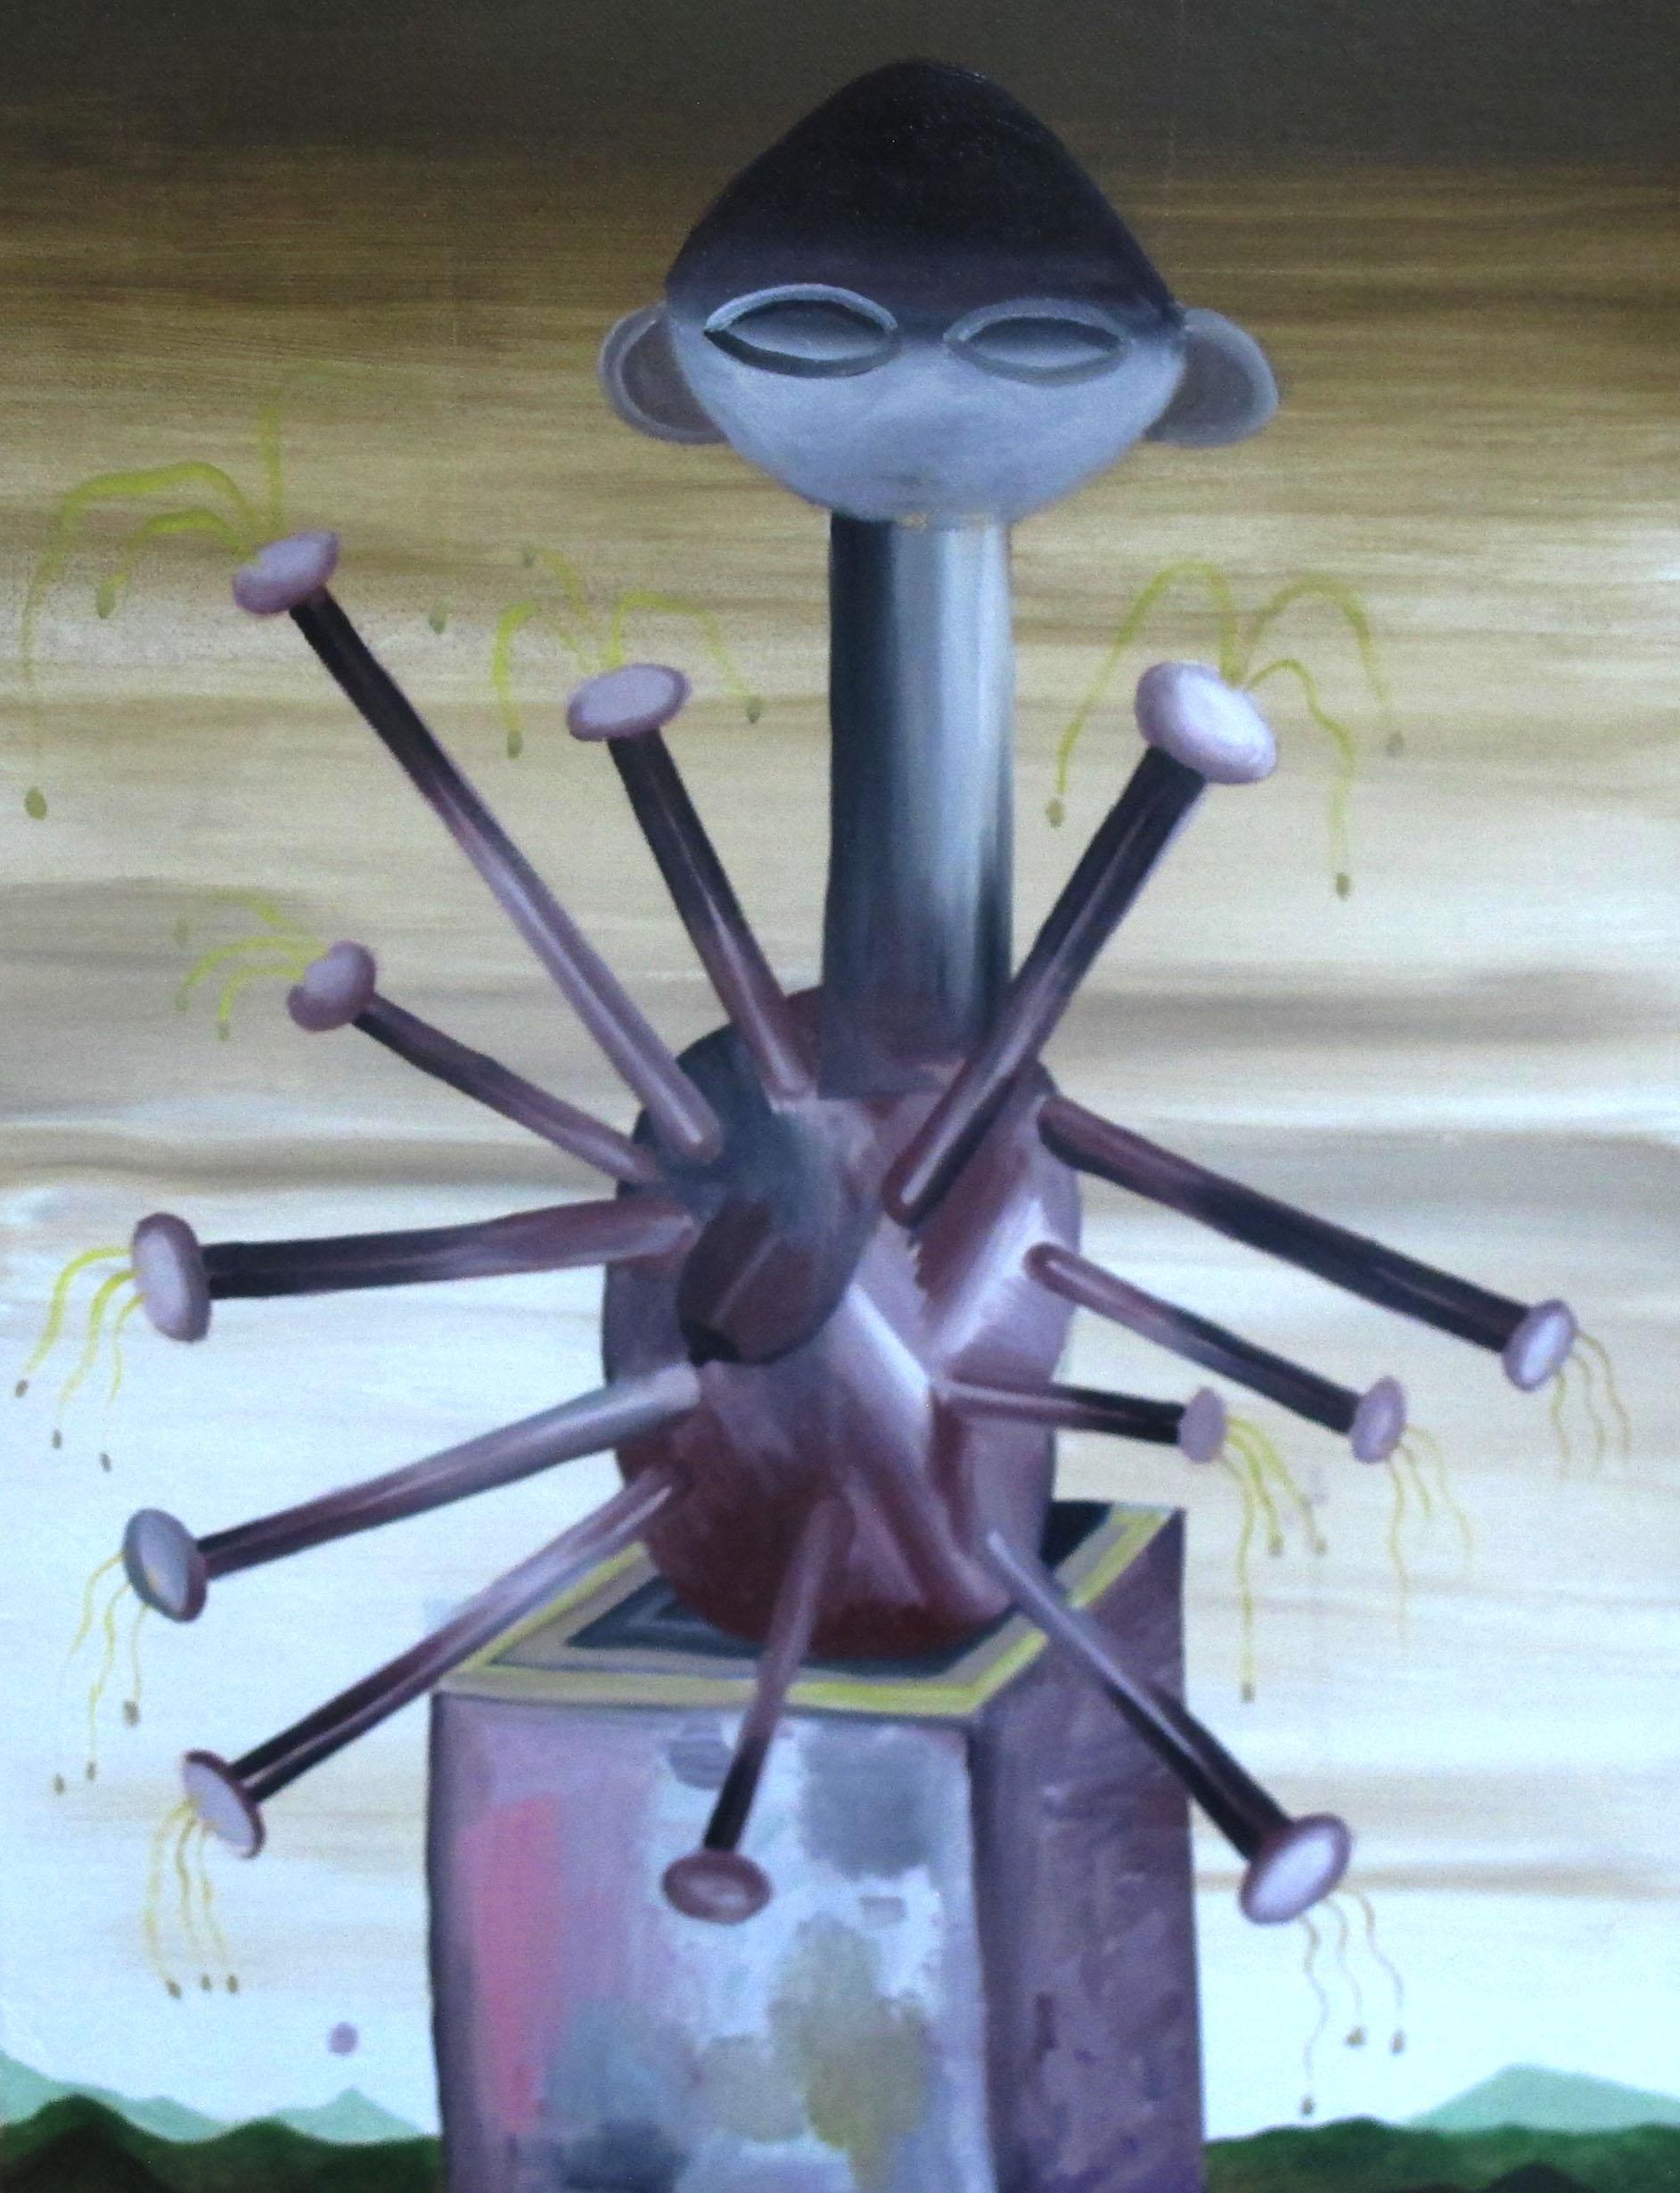 〈熱帶遺跡|Tropical Relic〉,油彩於畫布|Acrylic on canvas,45.7 x 61 cm|  18 x 24 inches,2019.jpg